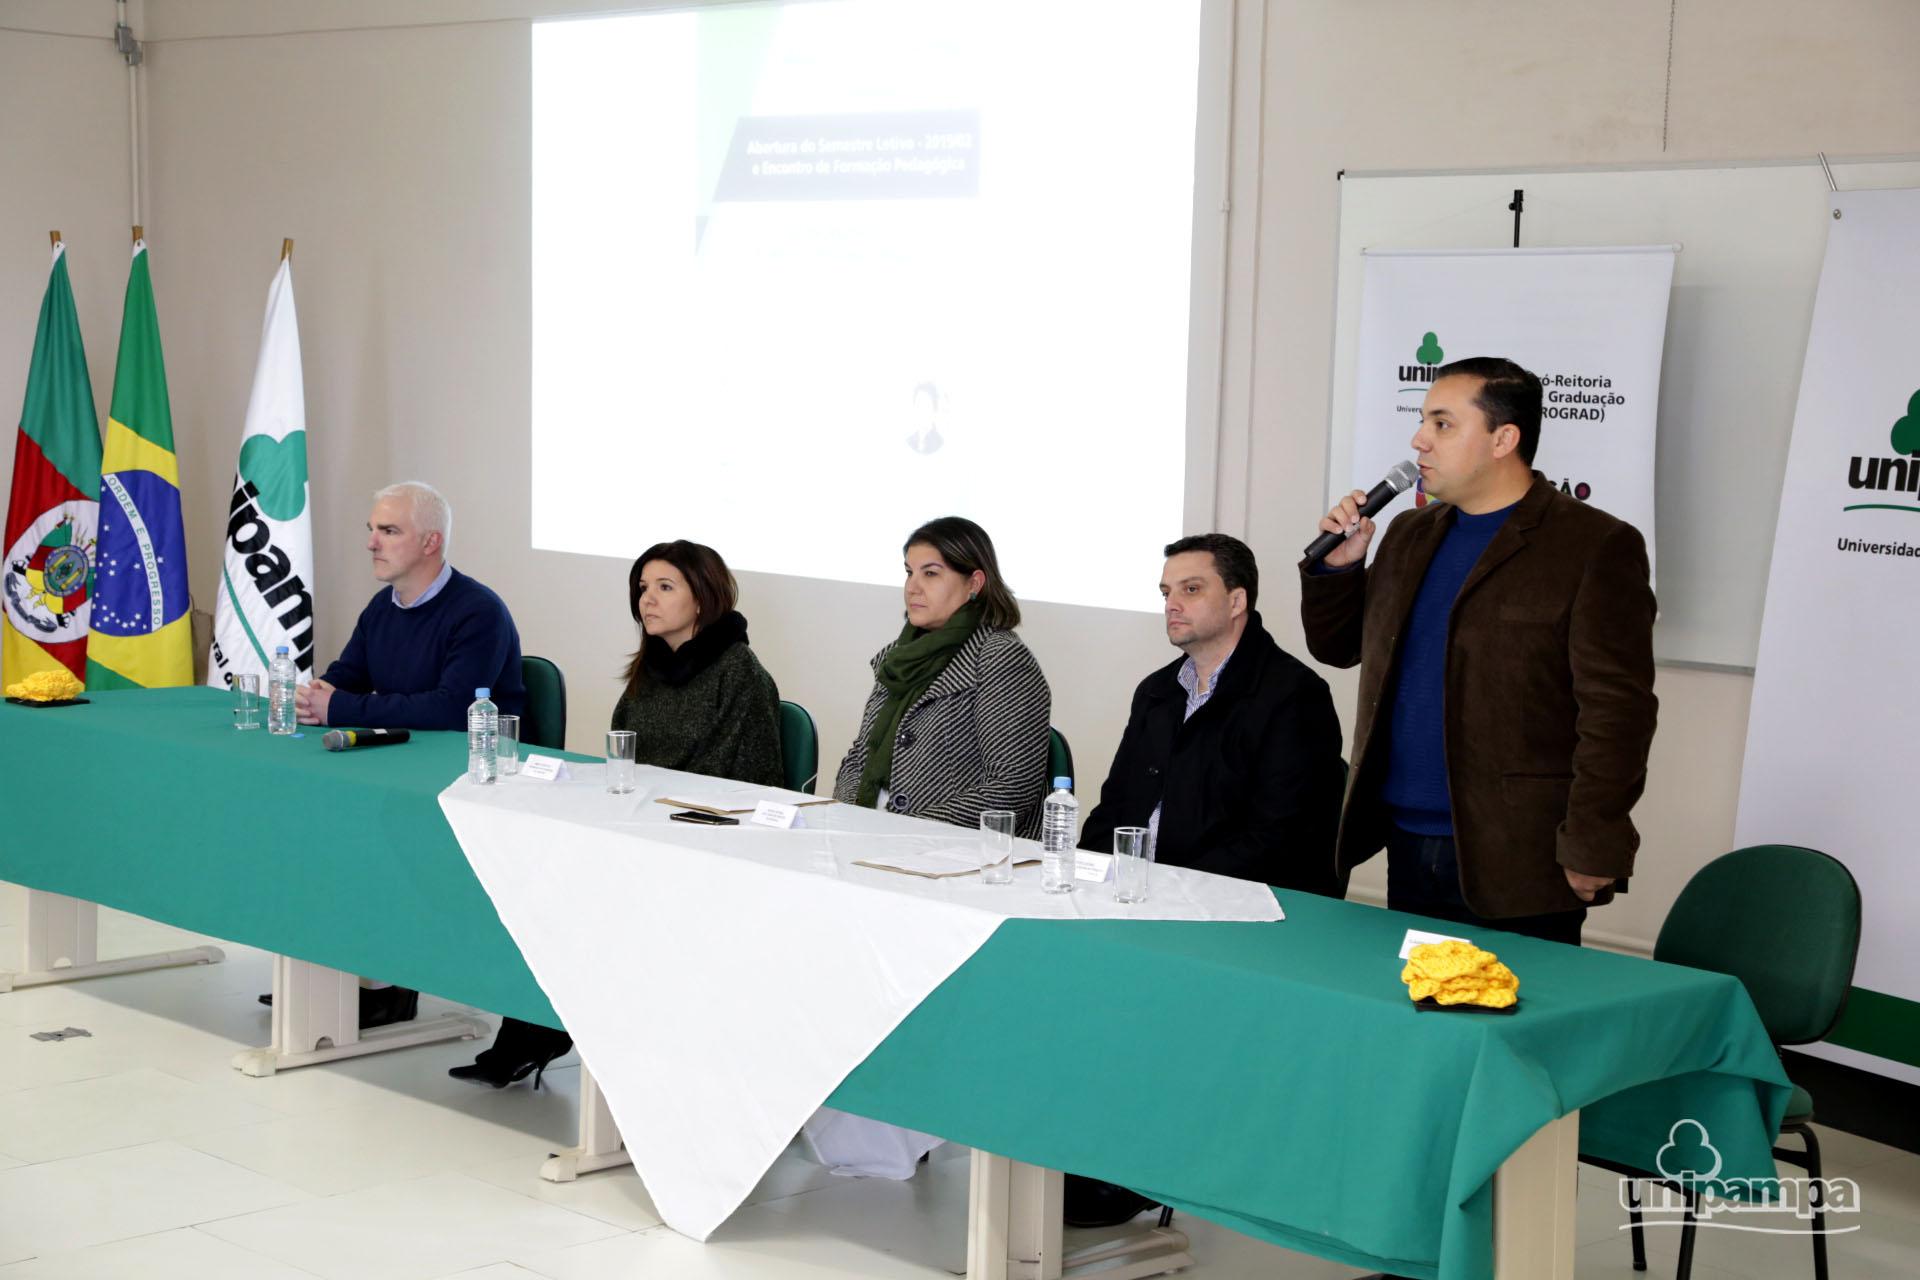 O coordenador acadêmico do Campus Bagé, Elenilson Alves, desejou as boas-vindas aos participantes - Foto: Ronaldo Estevam